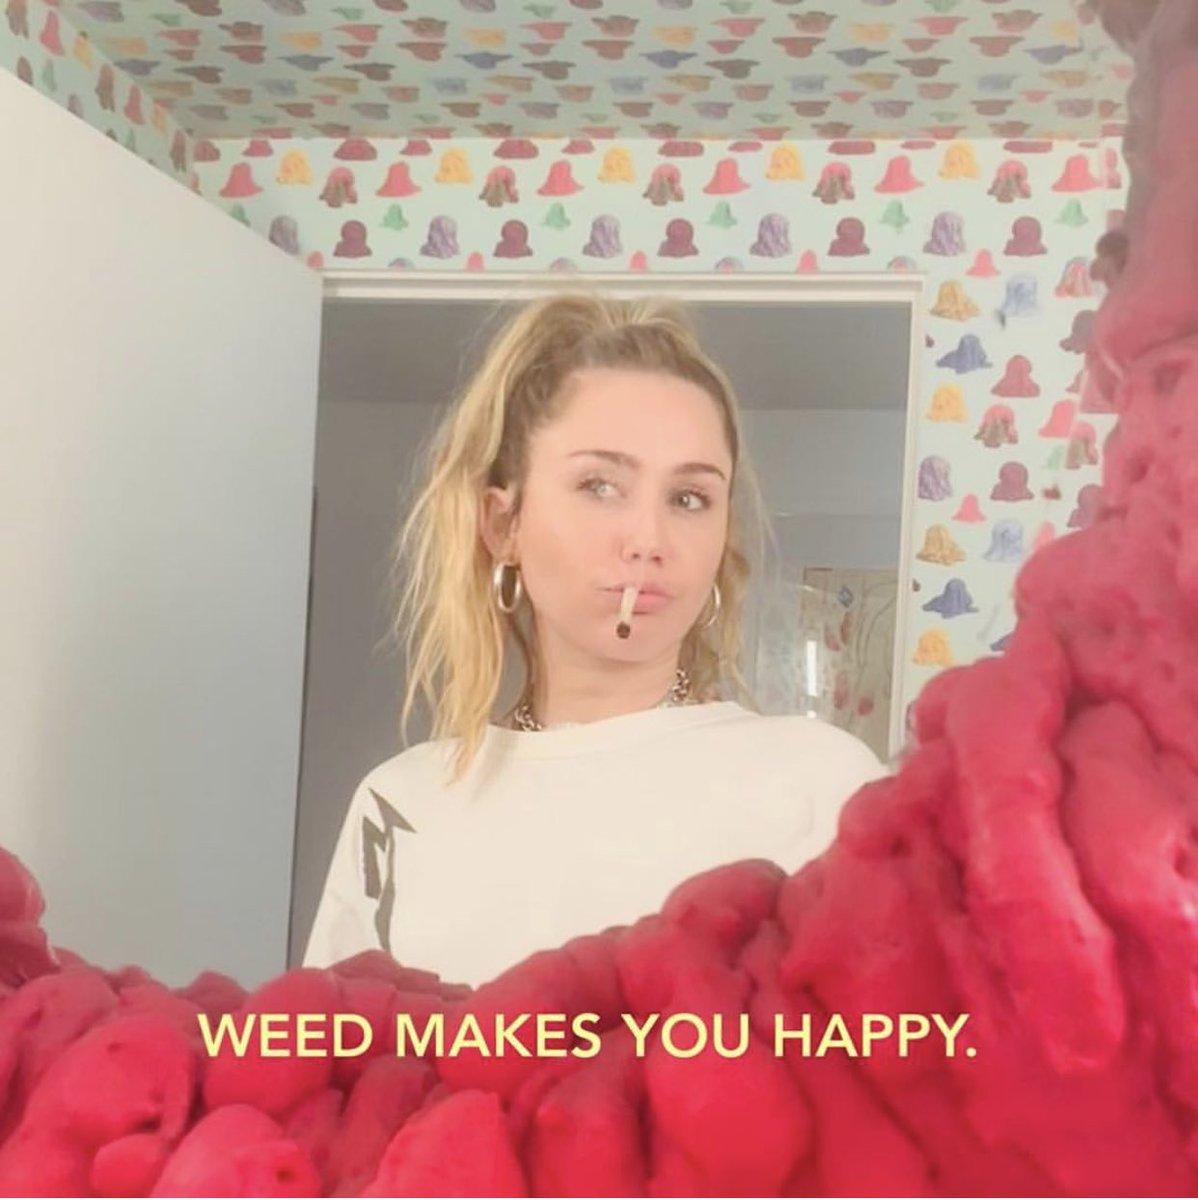 True 🔥#weed